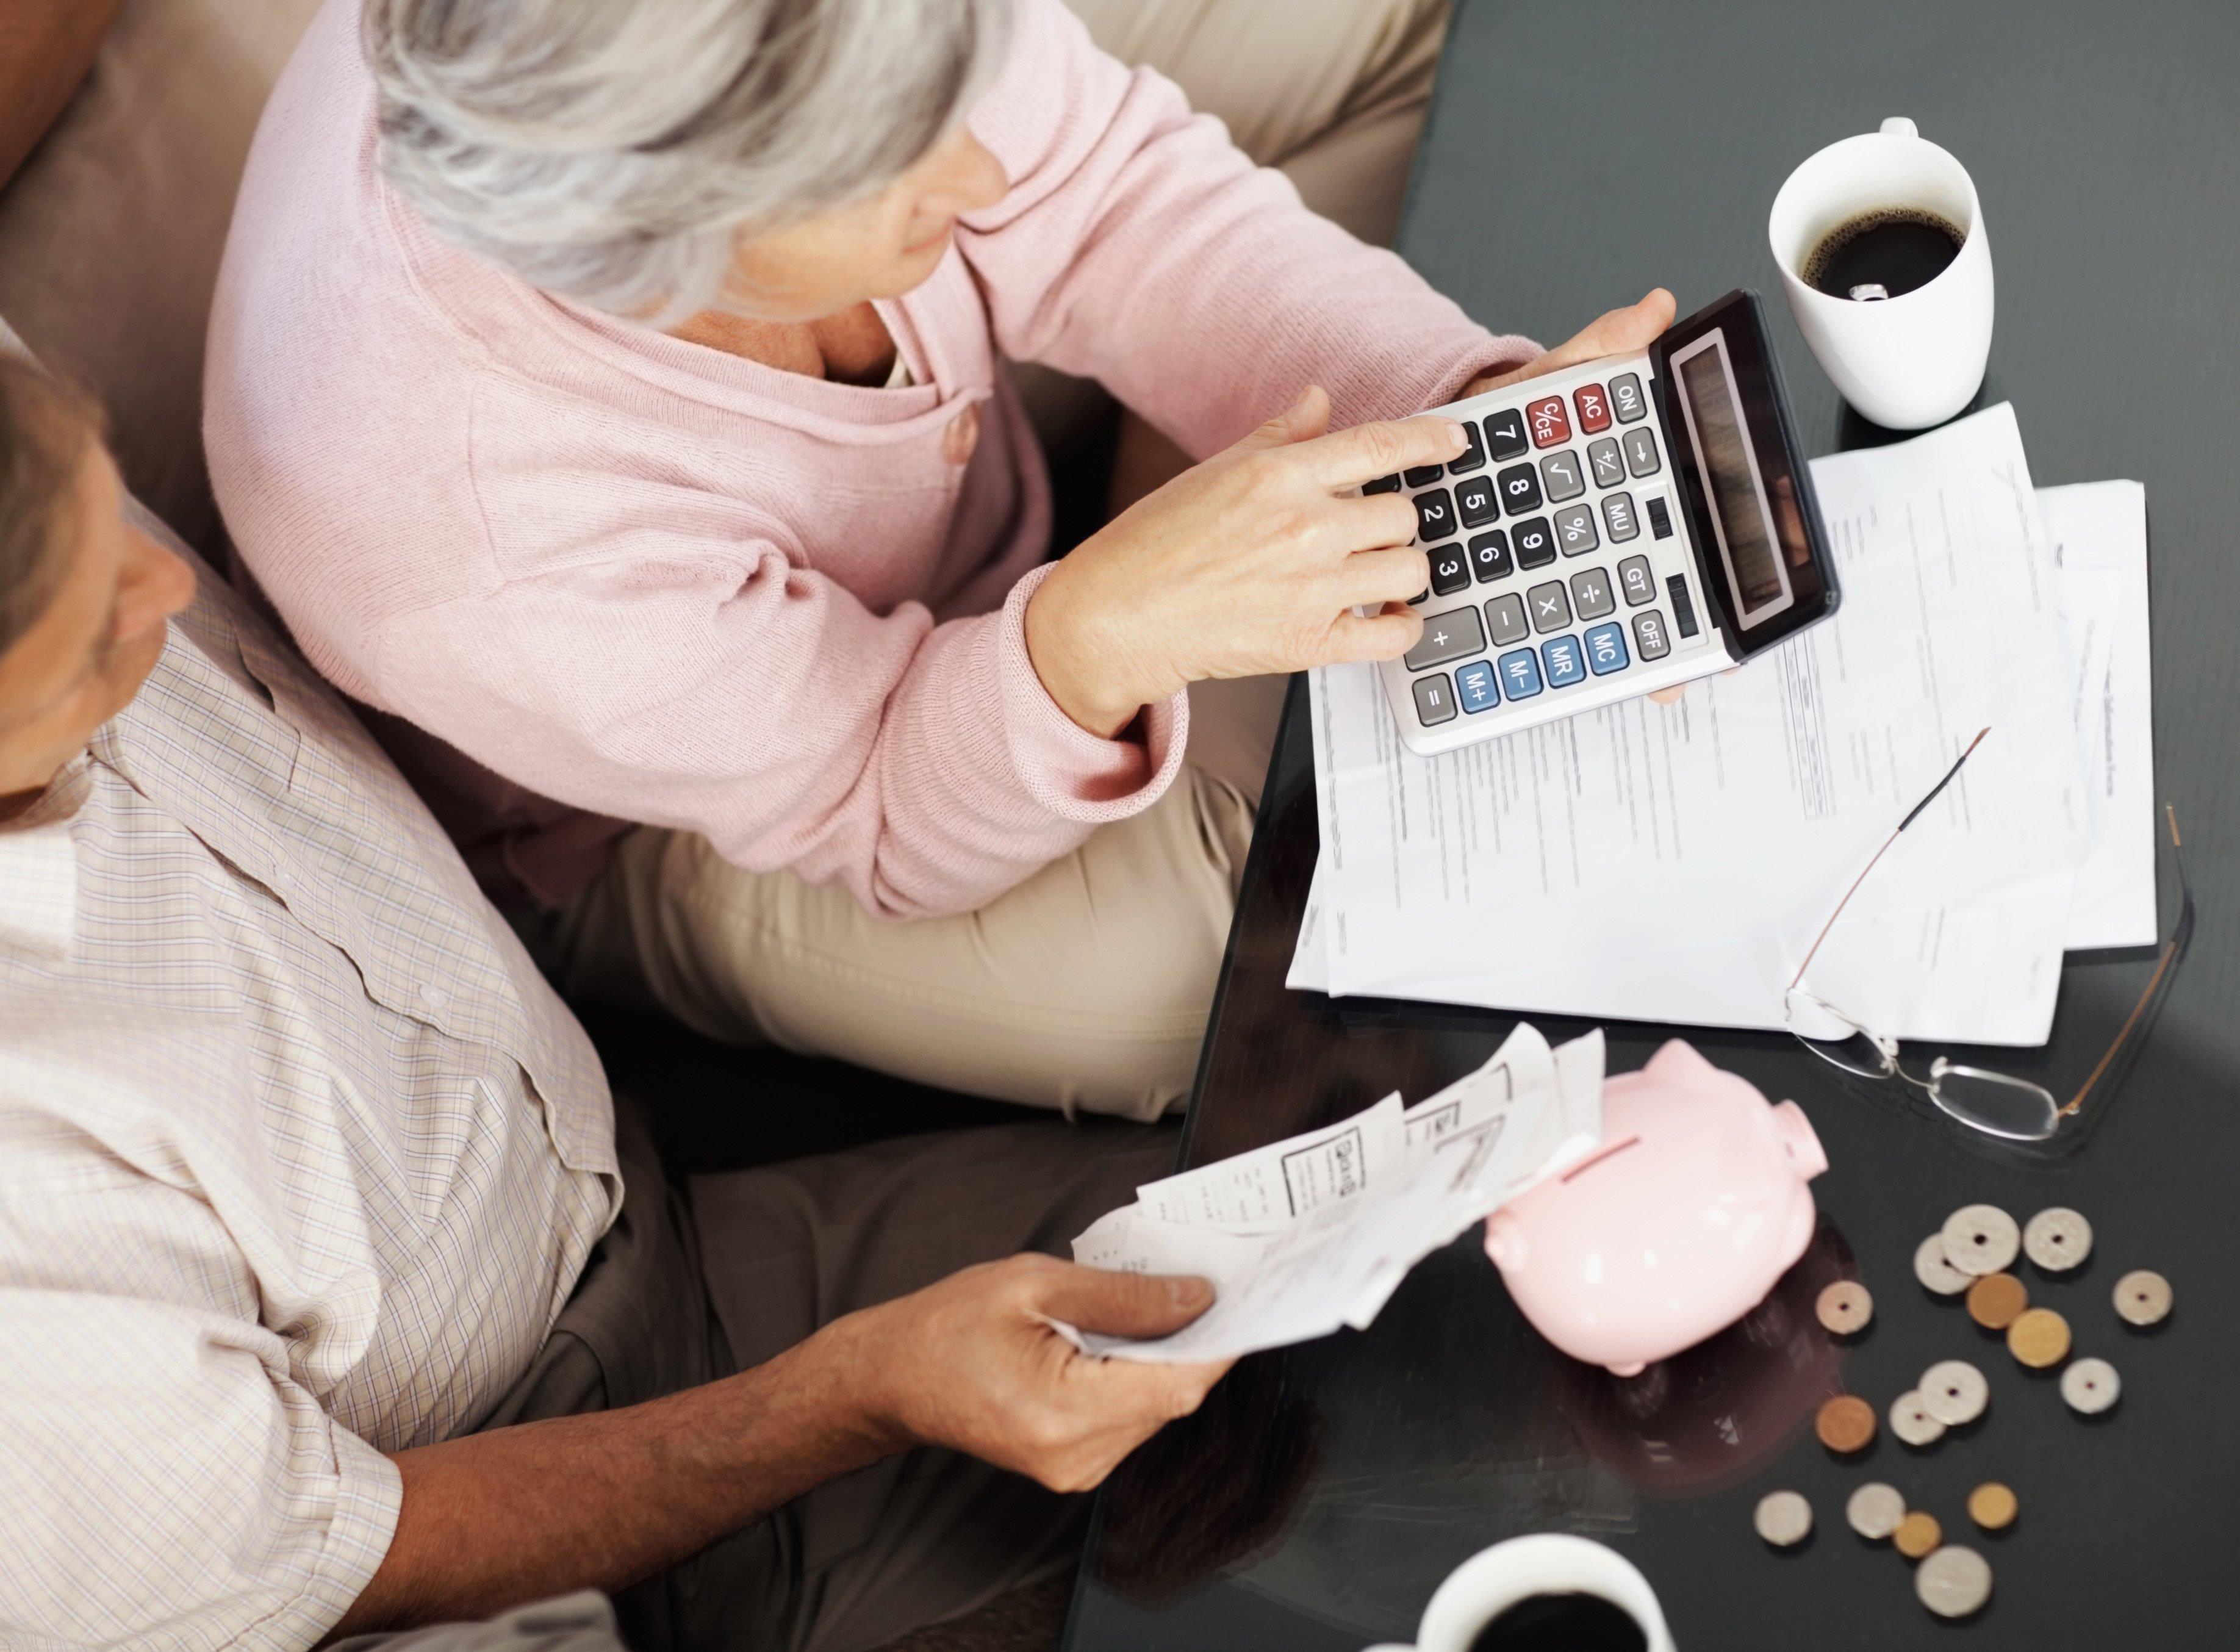 Льготы пенсионерам: Оформление льгот пенсионеру на квартплату